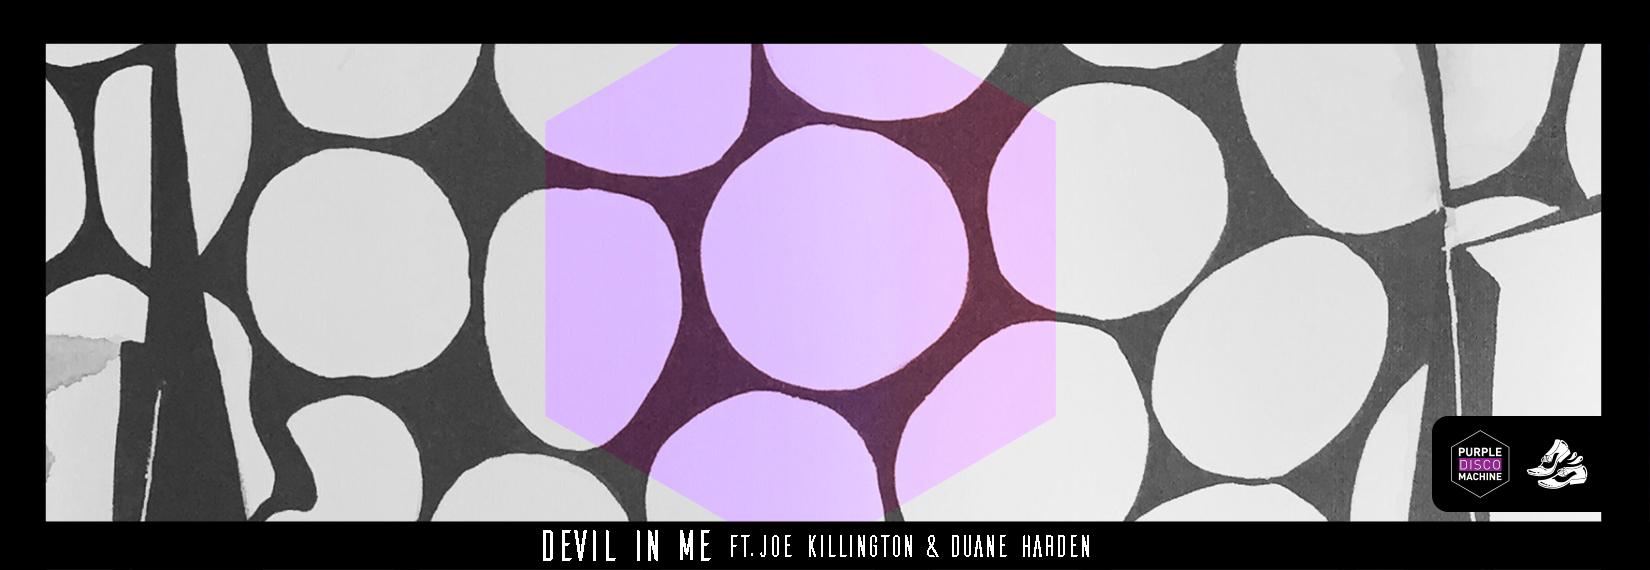 Devil-in-me-website-banner